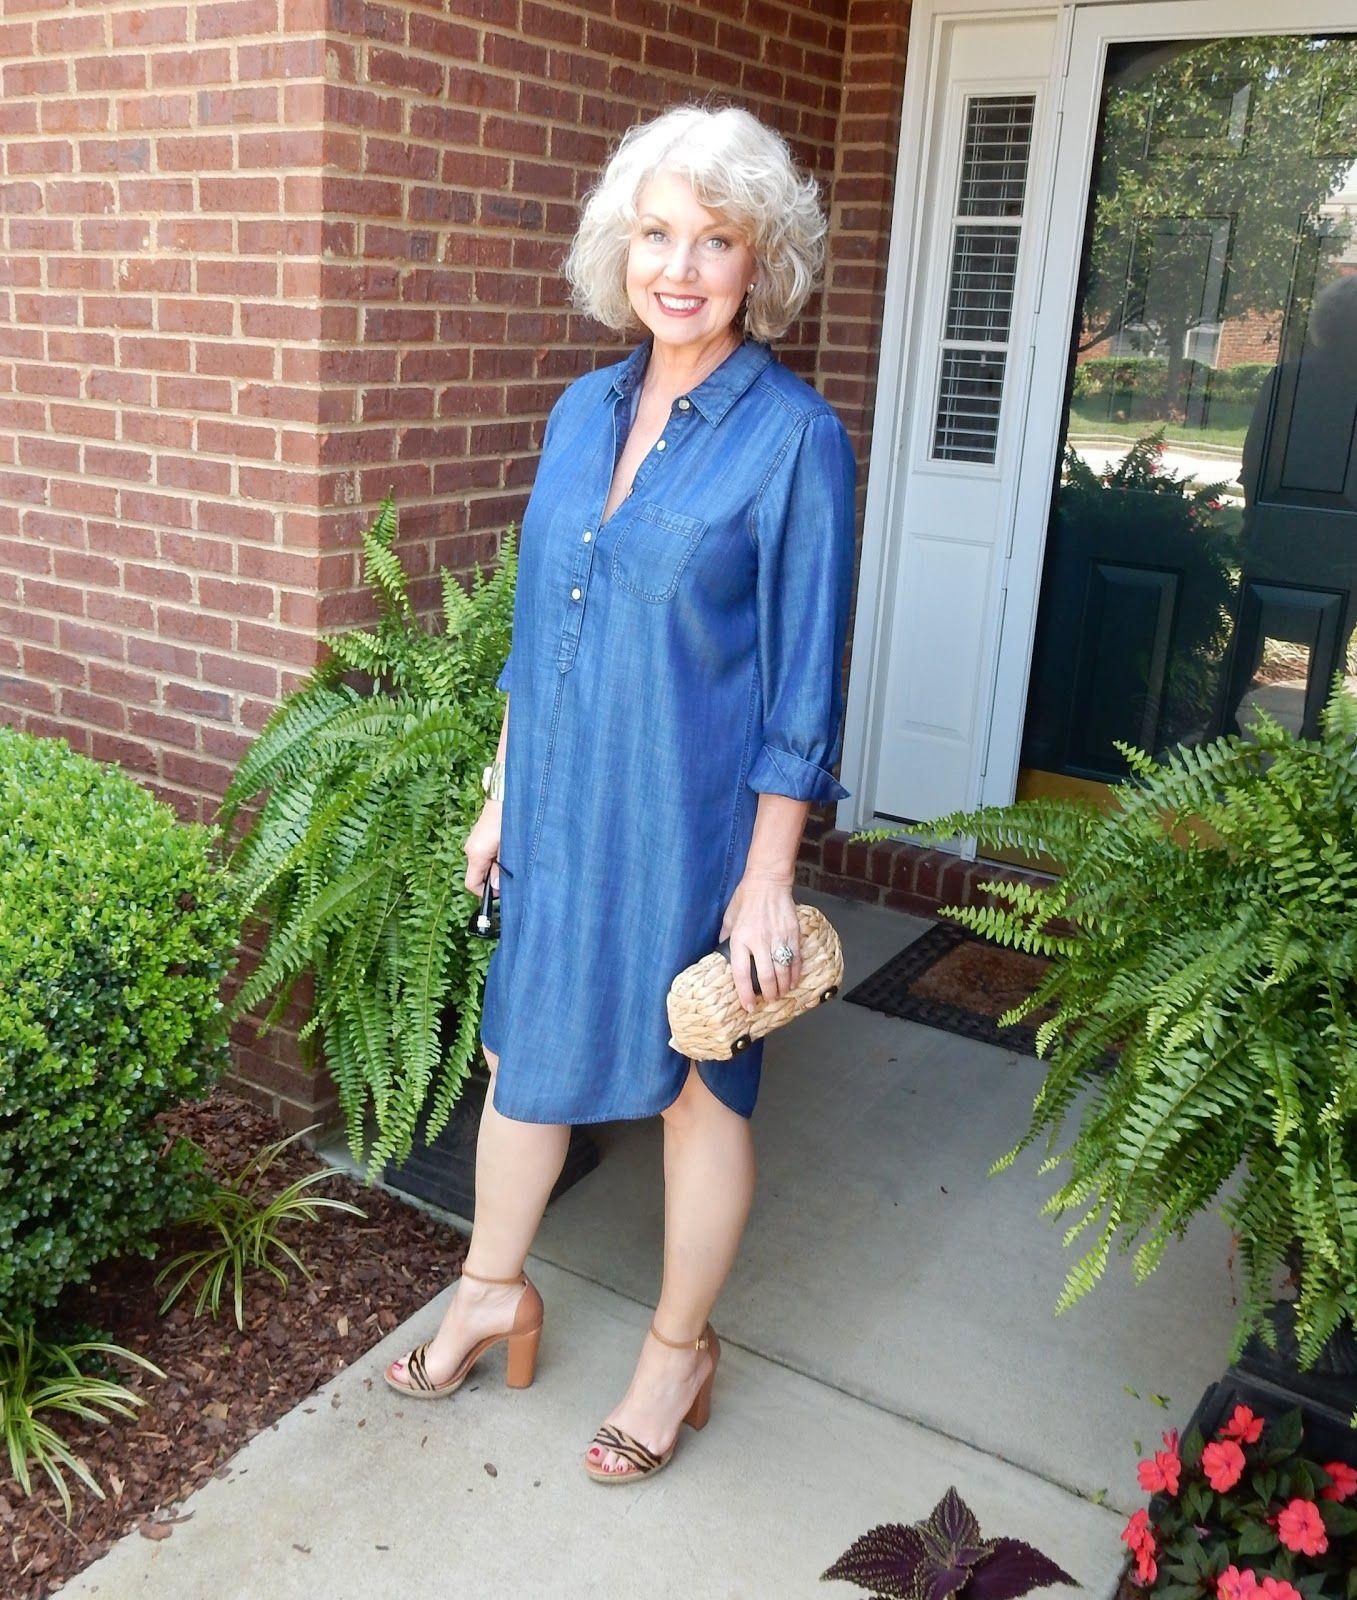 Denver Canadian Seniors Dating Online Service